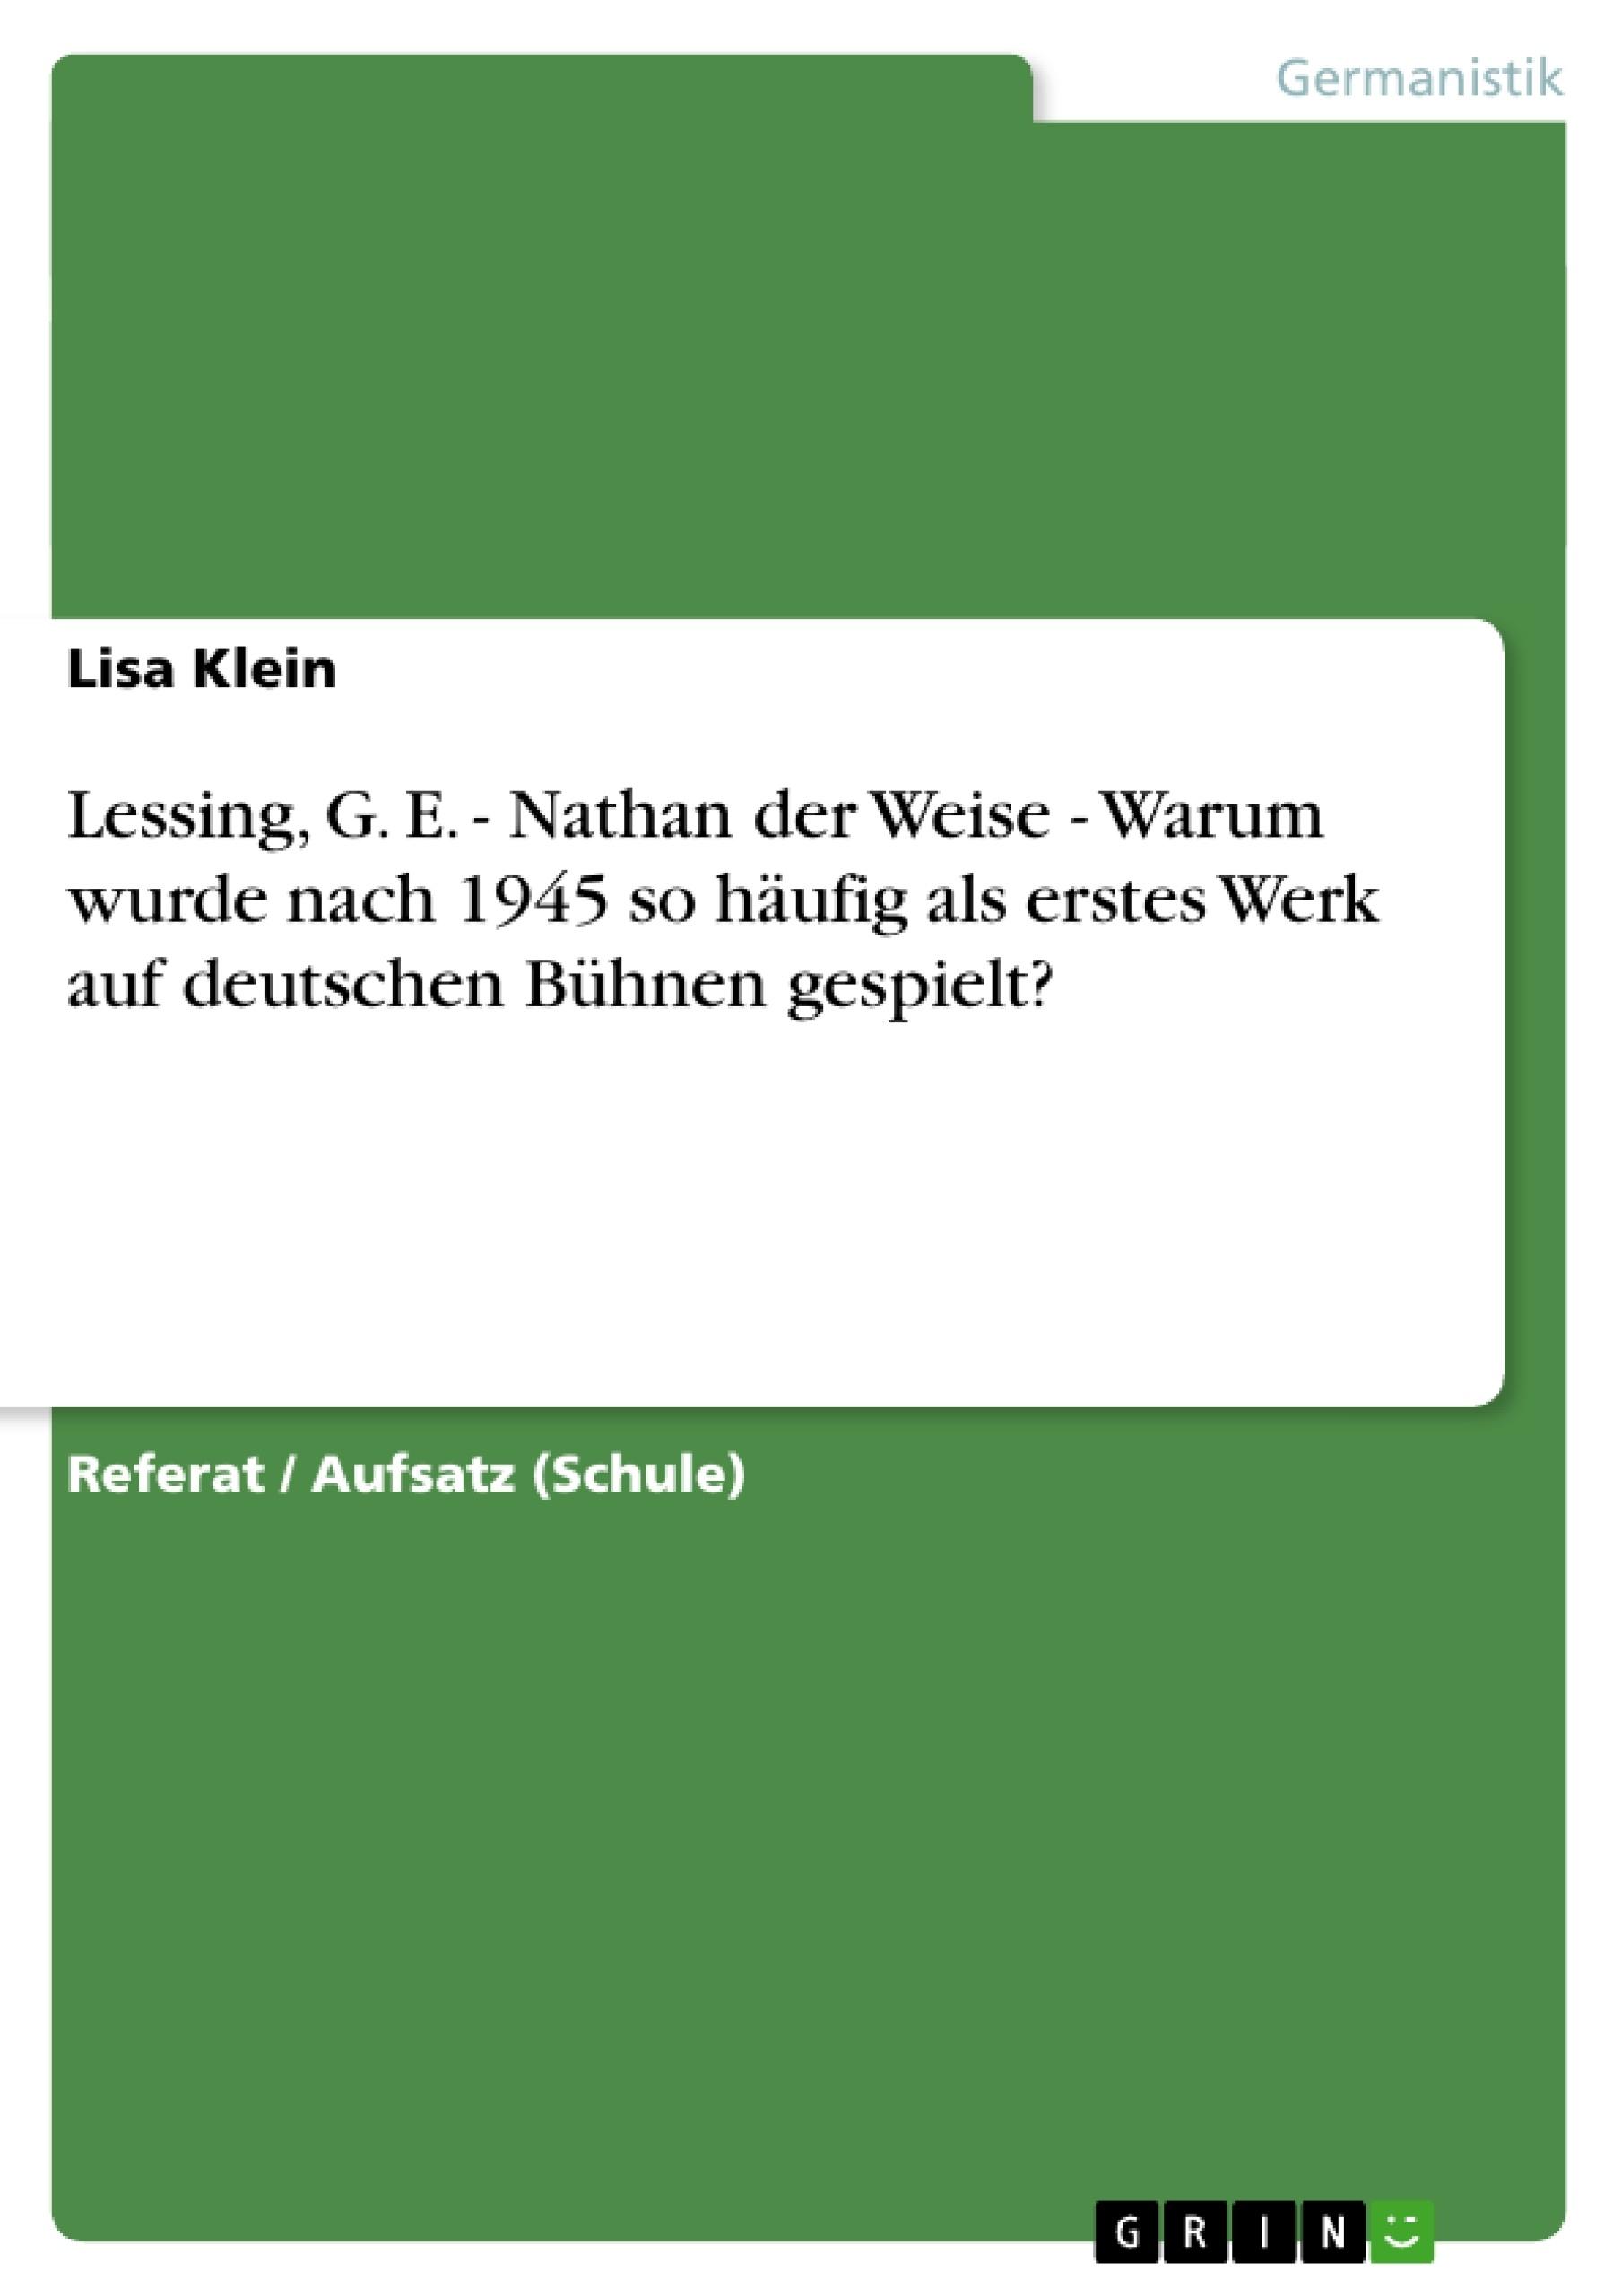 Titel: Lessing, G. E. - Nathan der Weise - Warum wurde nach 1945 so häufig als erstes Werk auf deutschen Bühnen gespielt?